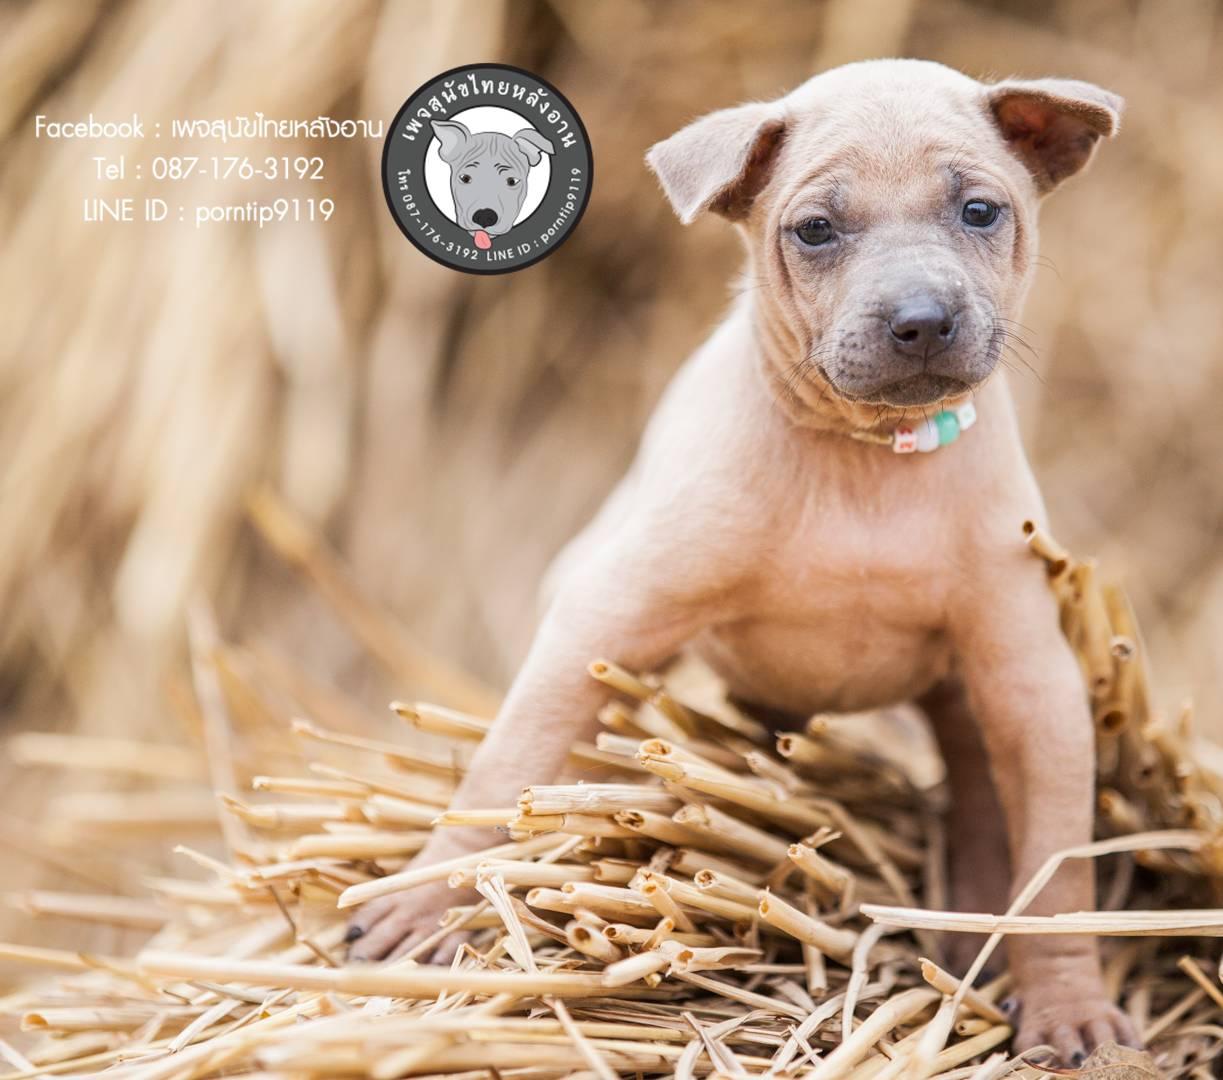 เพชร  สุนัขไทยหลังอาน ขายสุนัขไทยหลังอาน   ลูกสุนัขไทยหลังอานnet-0094